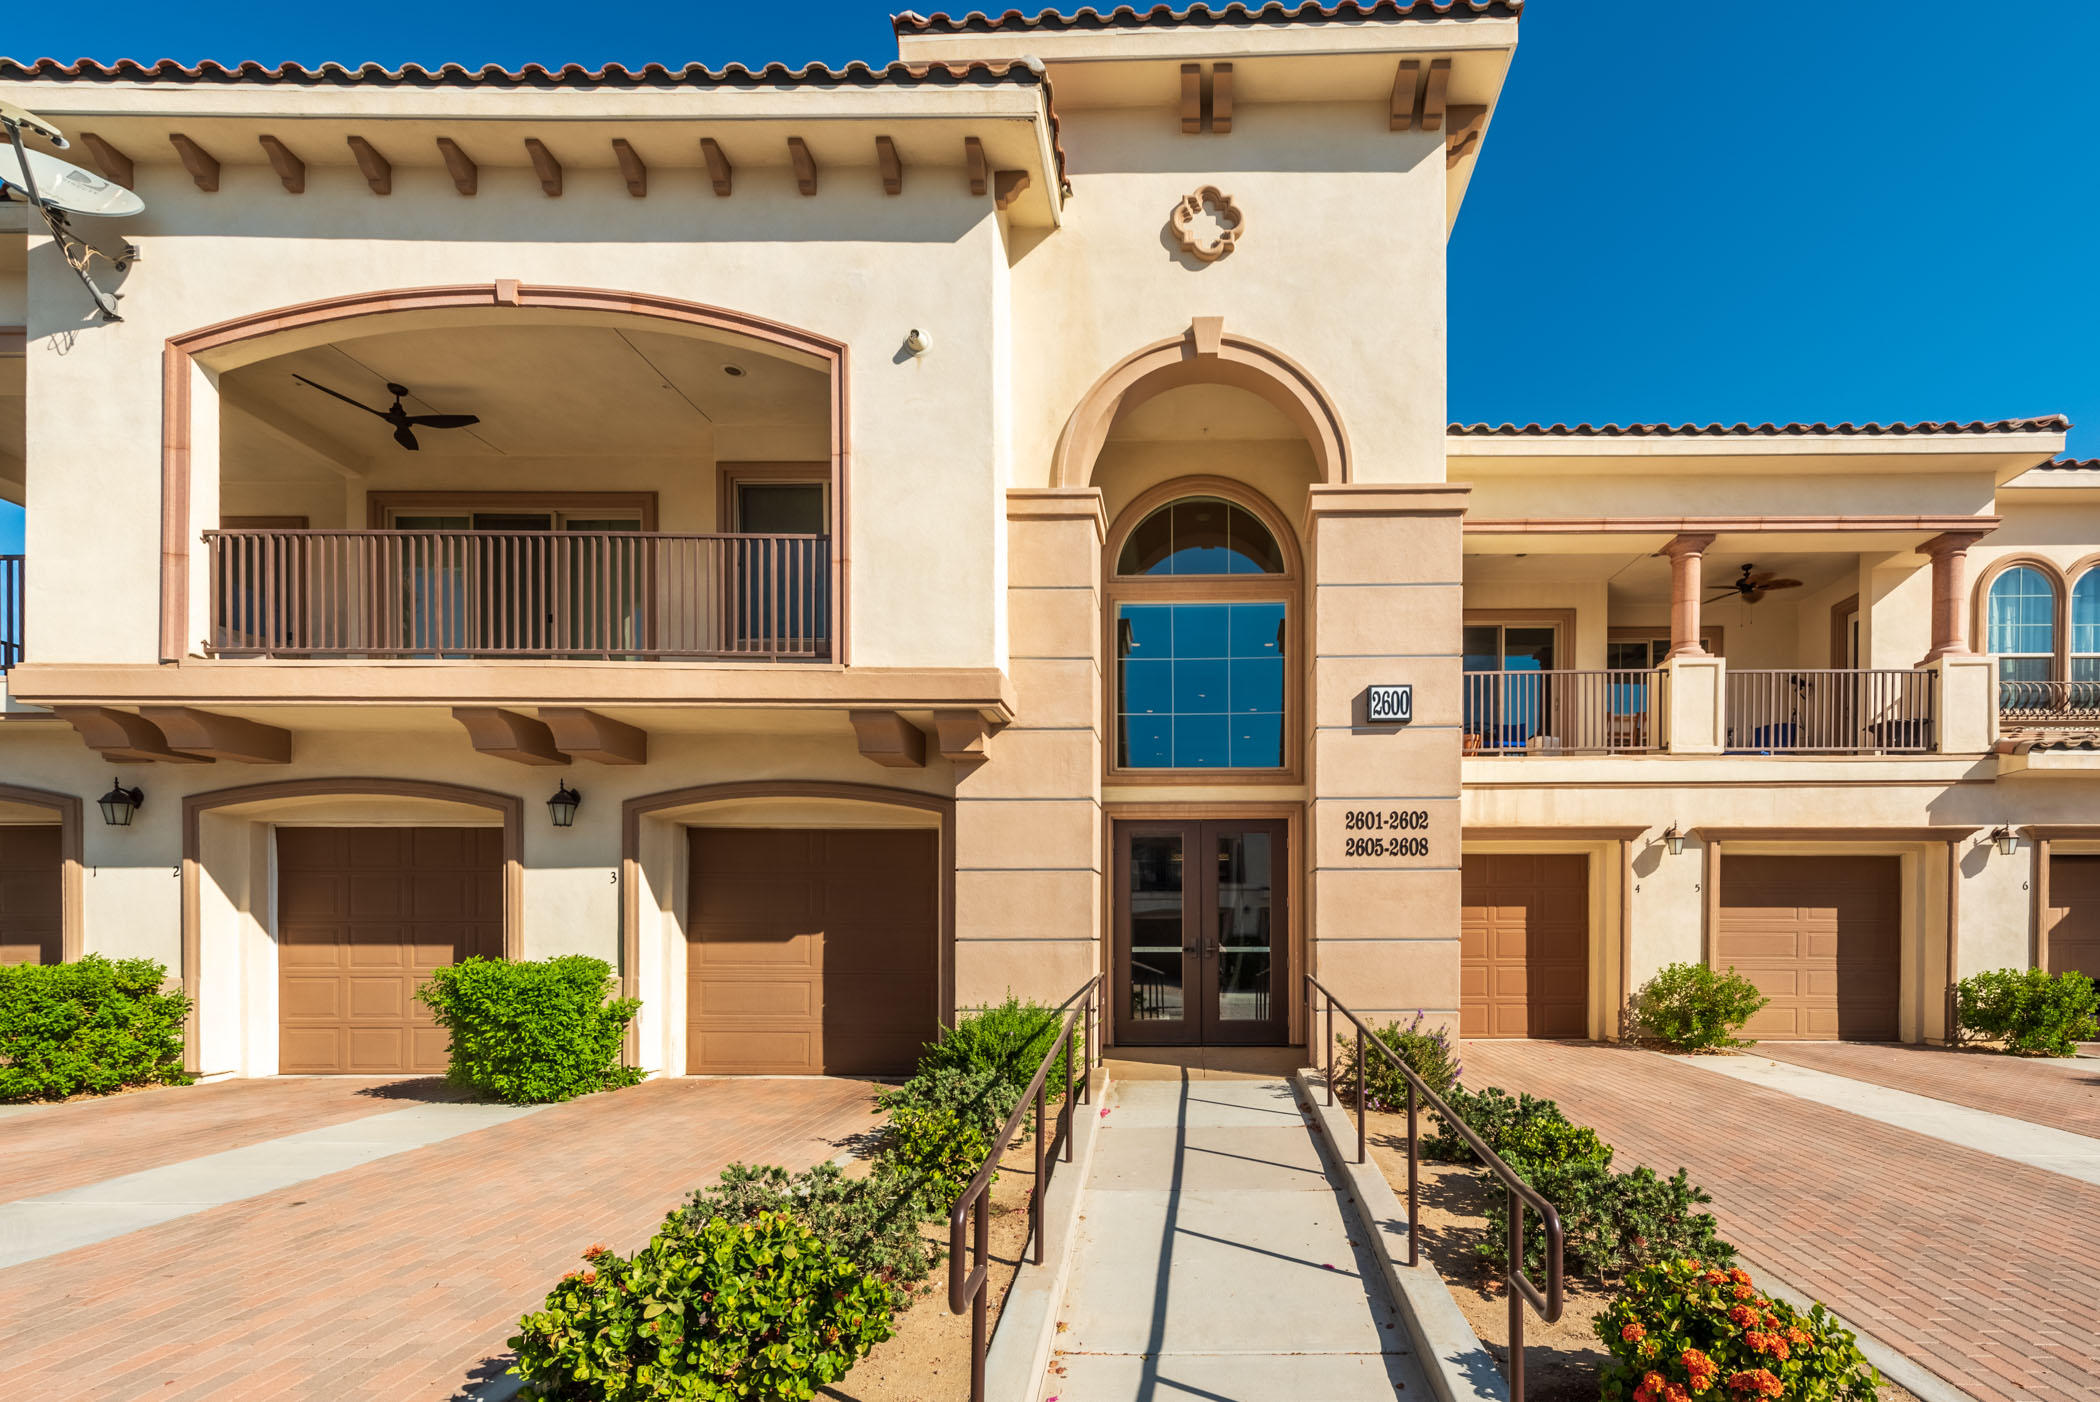 Photo of 2600 Via Calderia #2601, Palm Desert, CA 92260